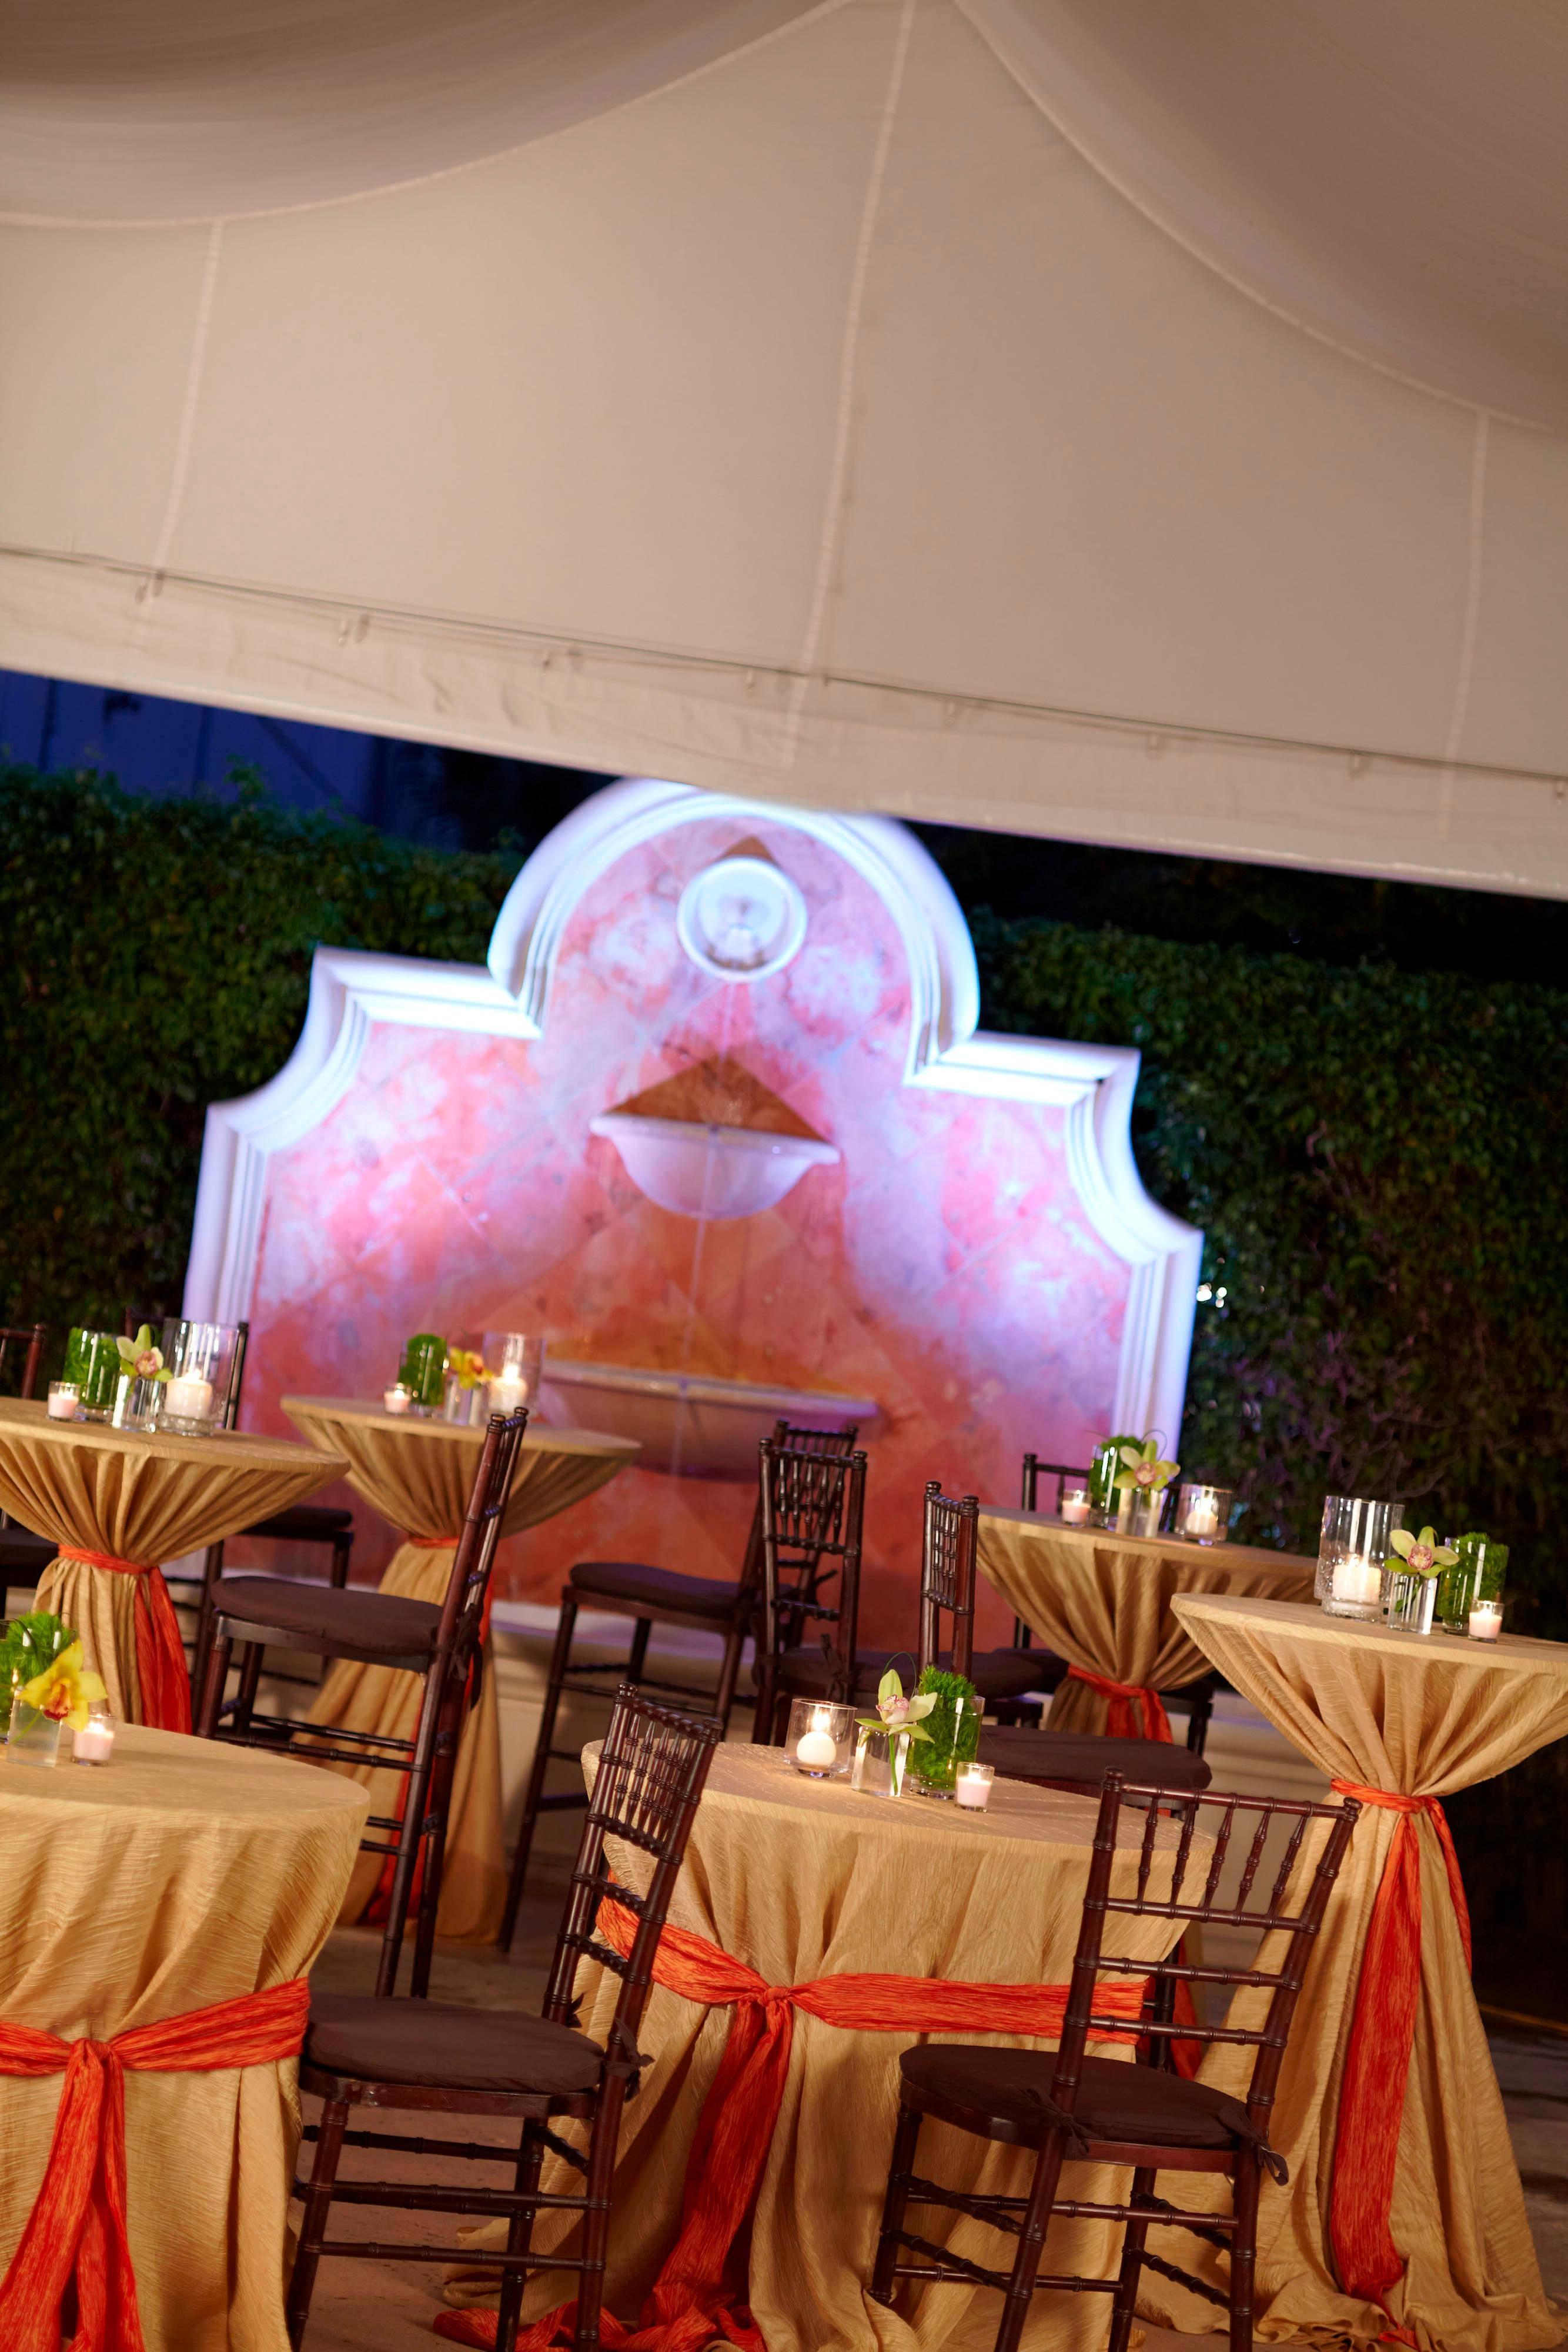 Instalaciones para eventos al aire libre en Fort Lauderdale